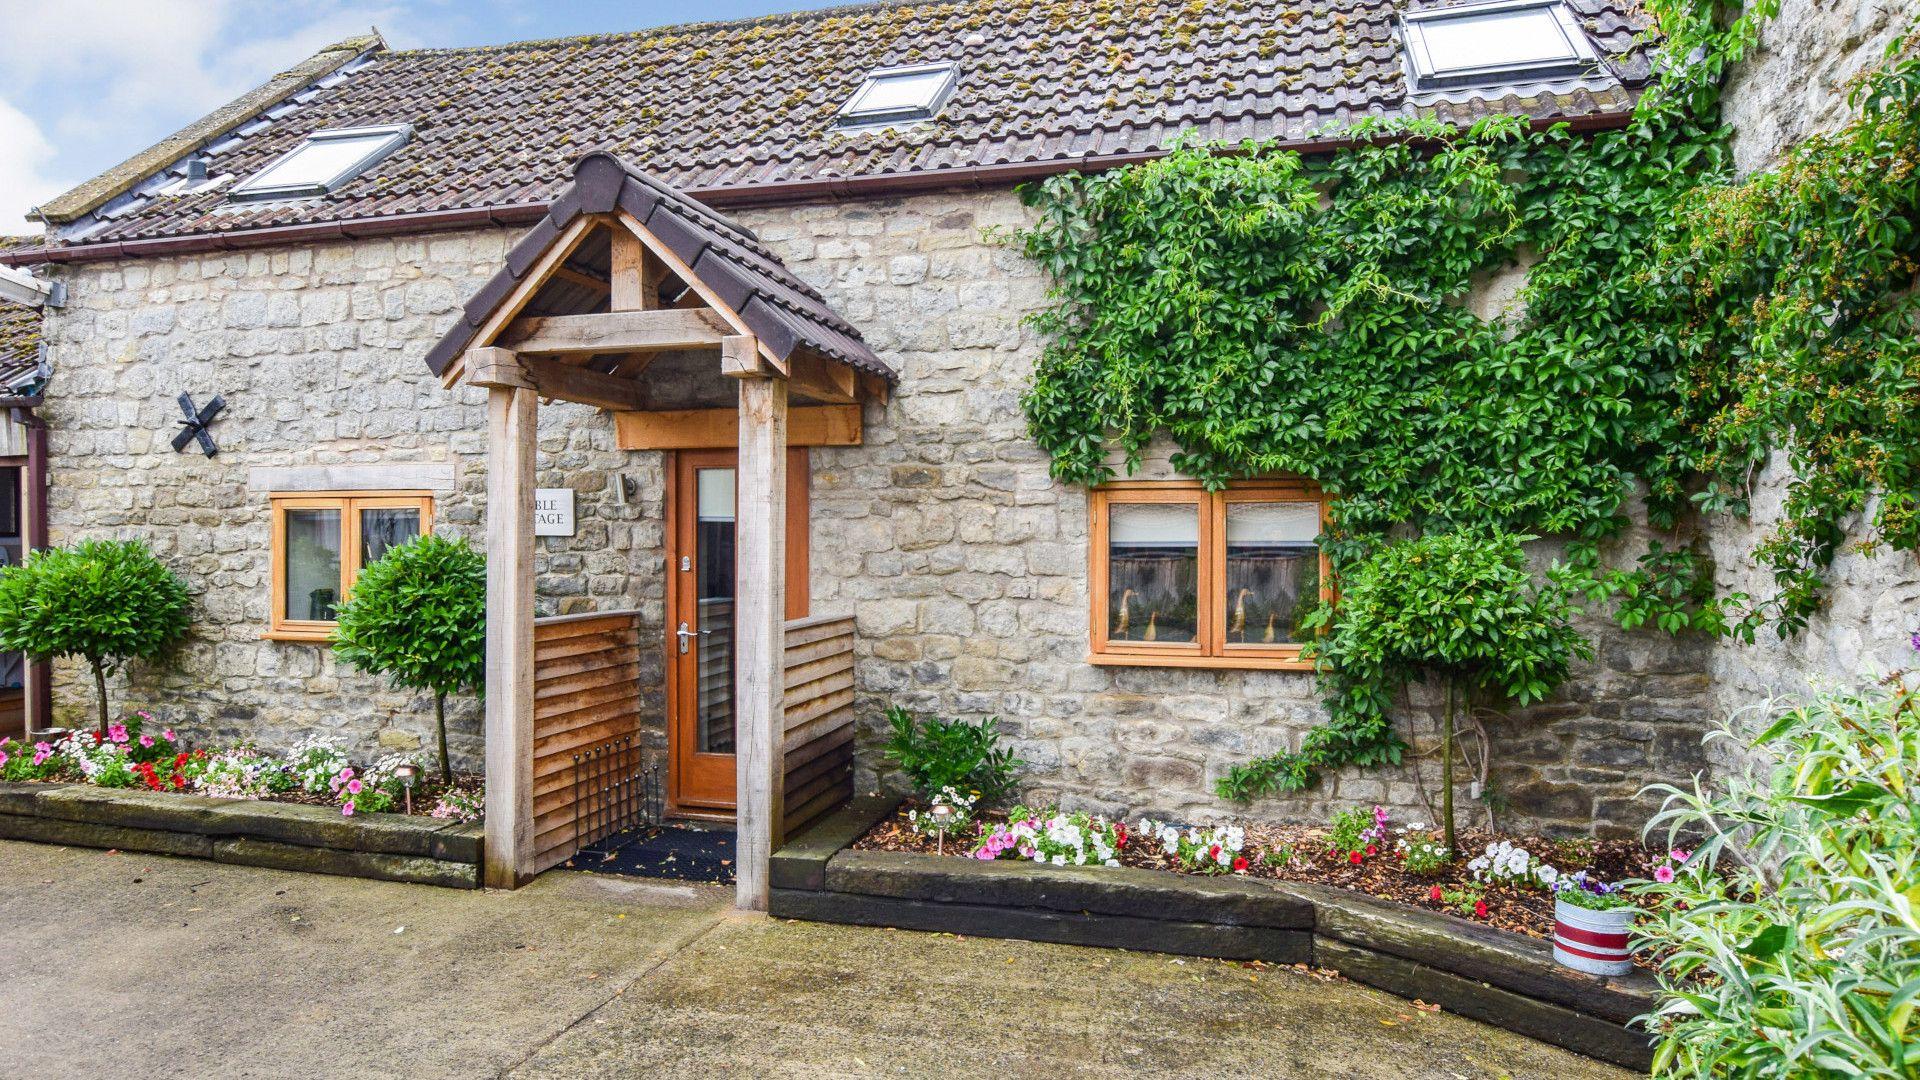 Stable Cottage at Avon Farm, Bolthole Retreats